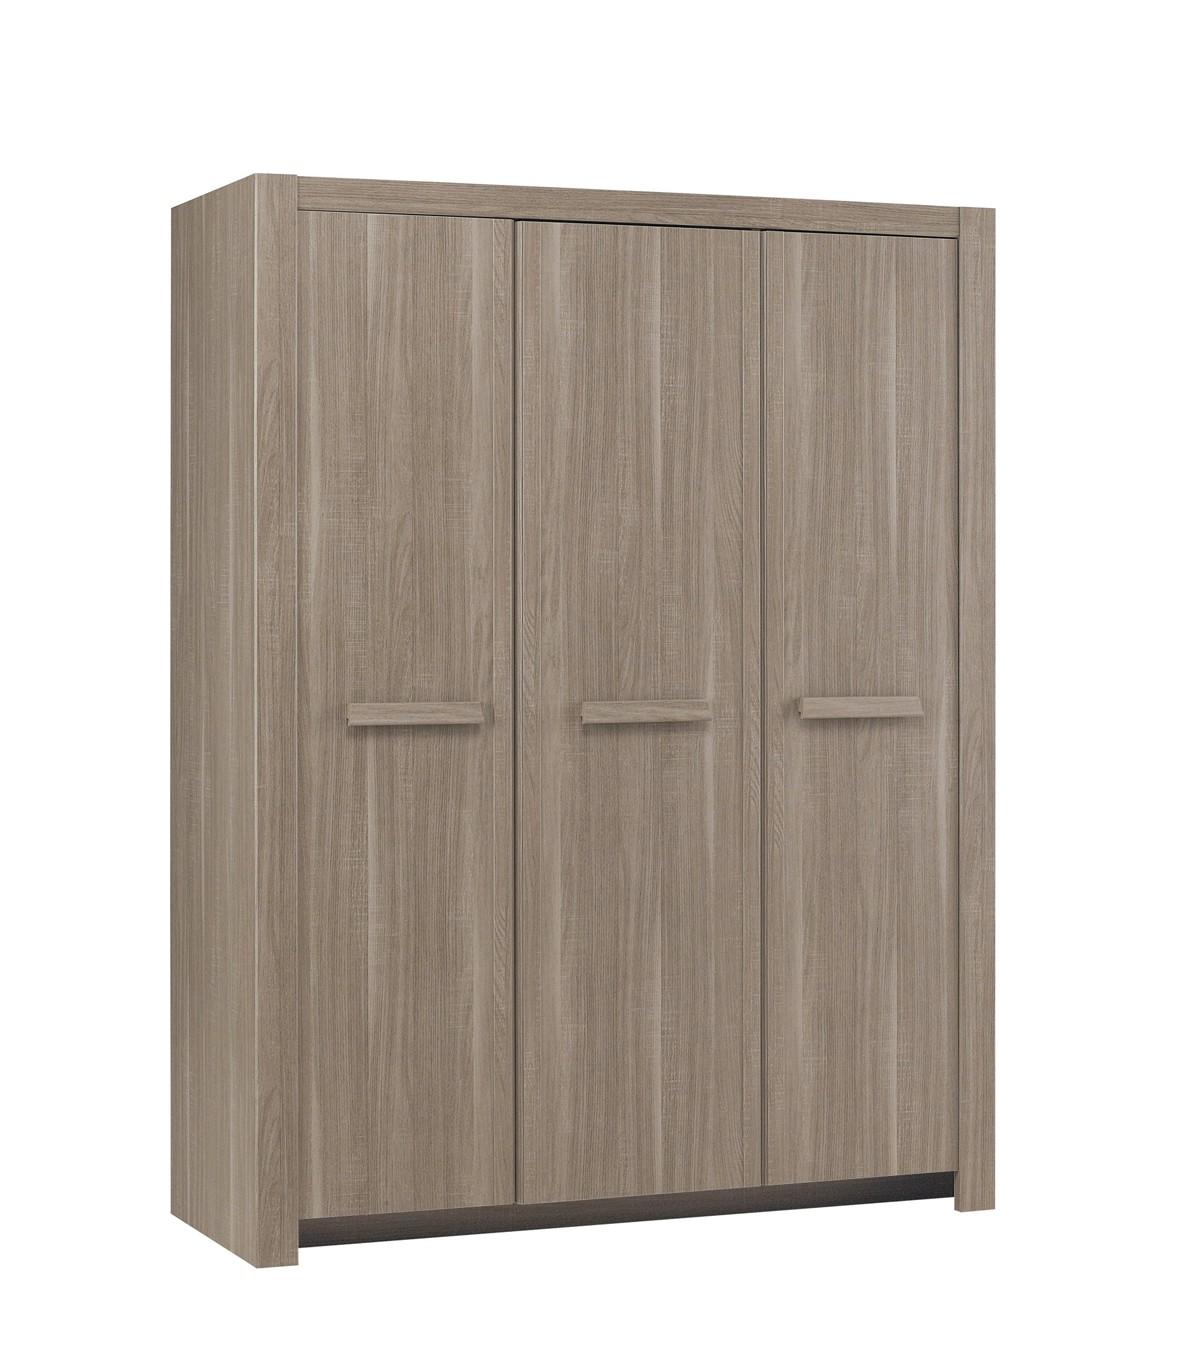 Armoire 3 portes couleur chêne